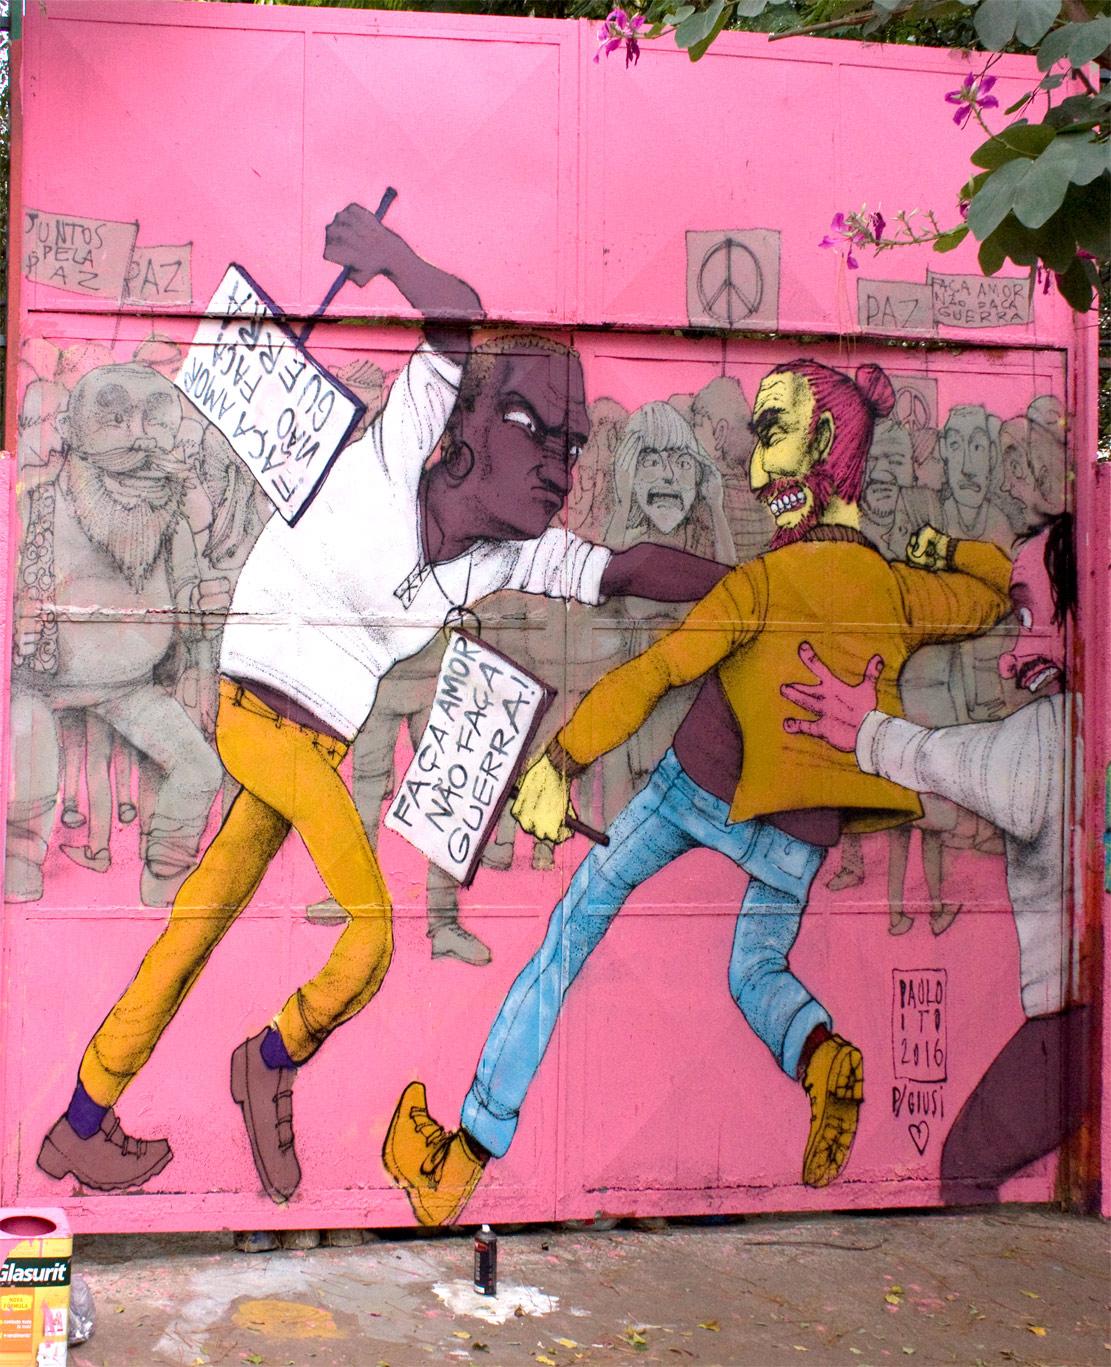 paulo-ito-graffiti-dionisio-arte-42